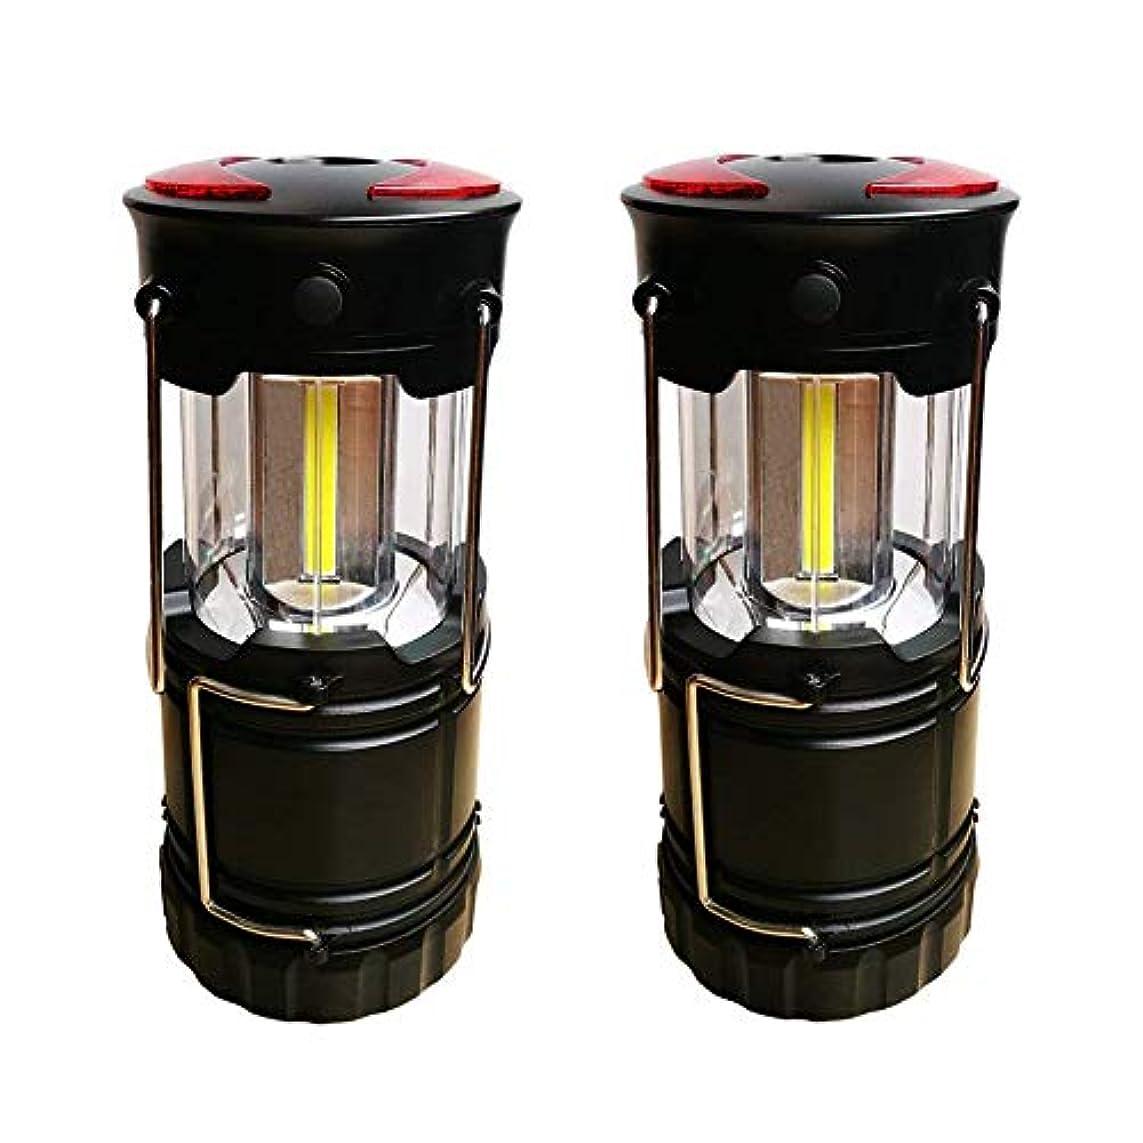 それに応じて喉頭アンドリューハリディTWOBOYS 2個セット LEDランタン 電池式 防災 登山 夜釣 停電 懐中電灯 折りたたみ式